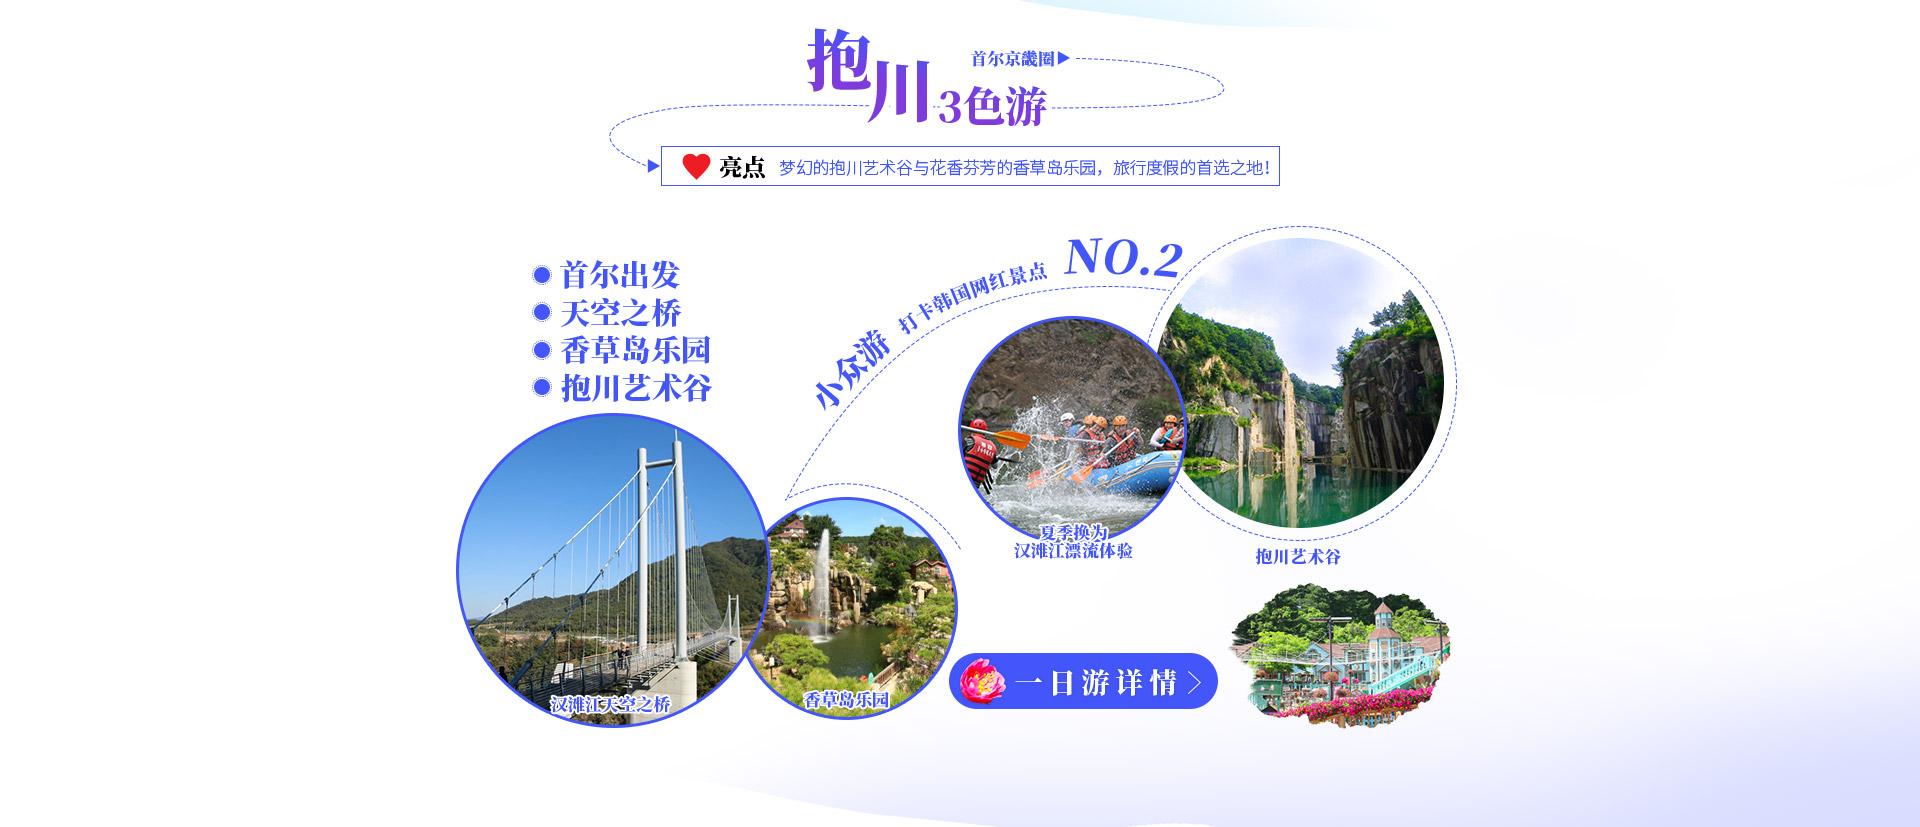 韩国深度游线路推荐,抱川天空之桥,香草岛乐园,艺术谷